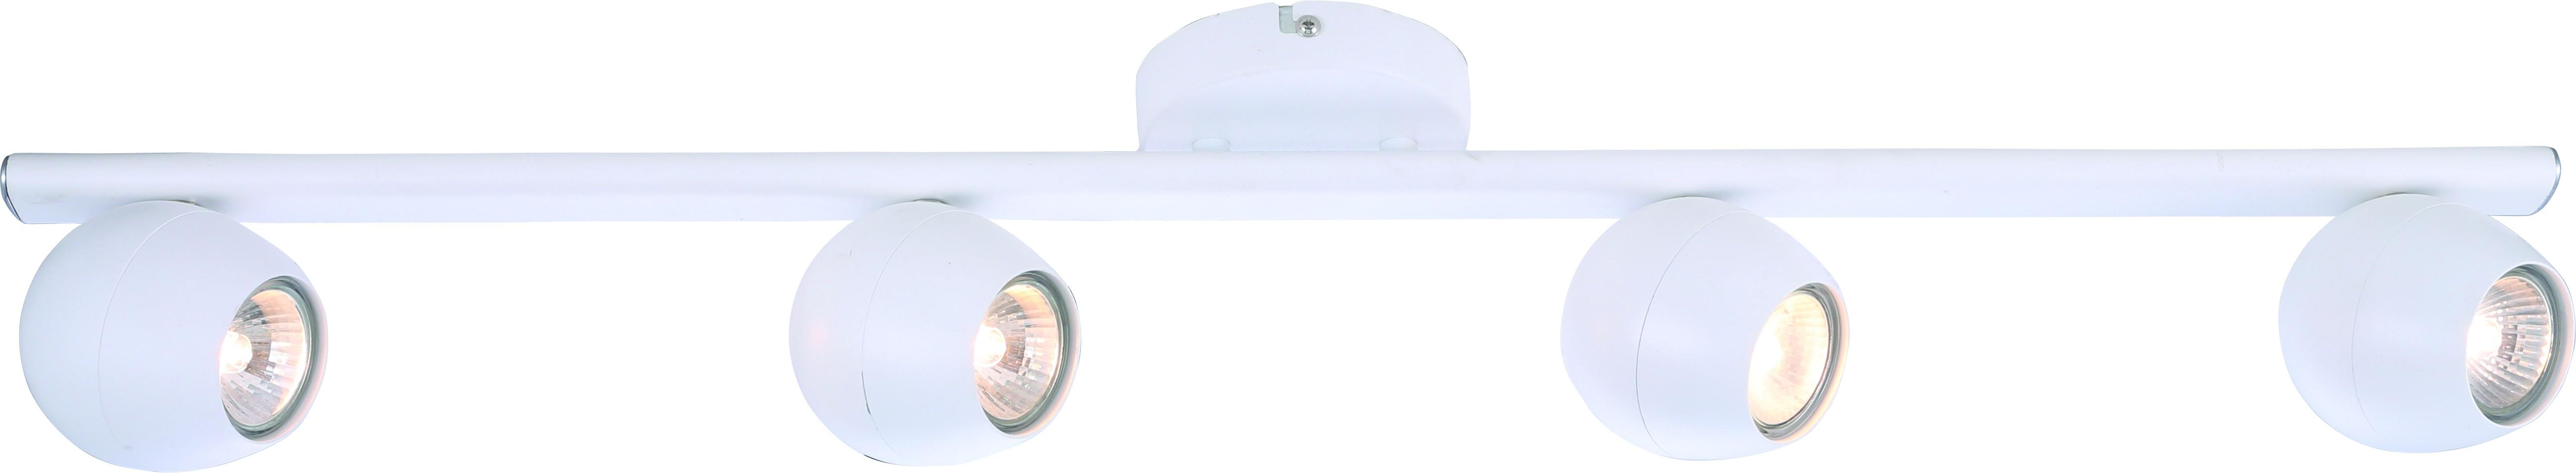 Купить Спот Arte lamp A5781pl-4wh